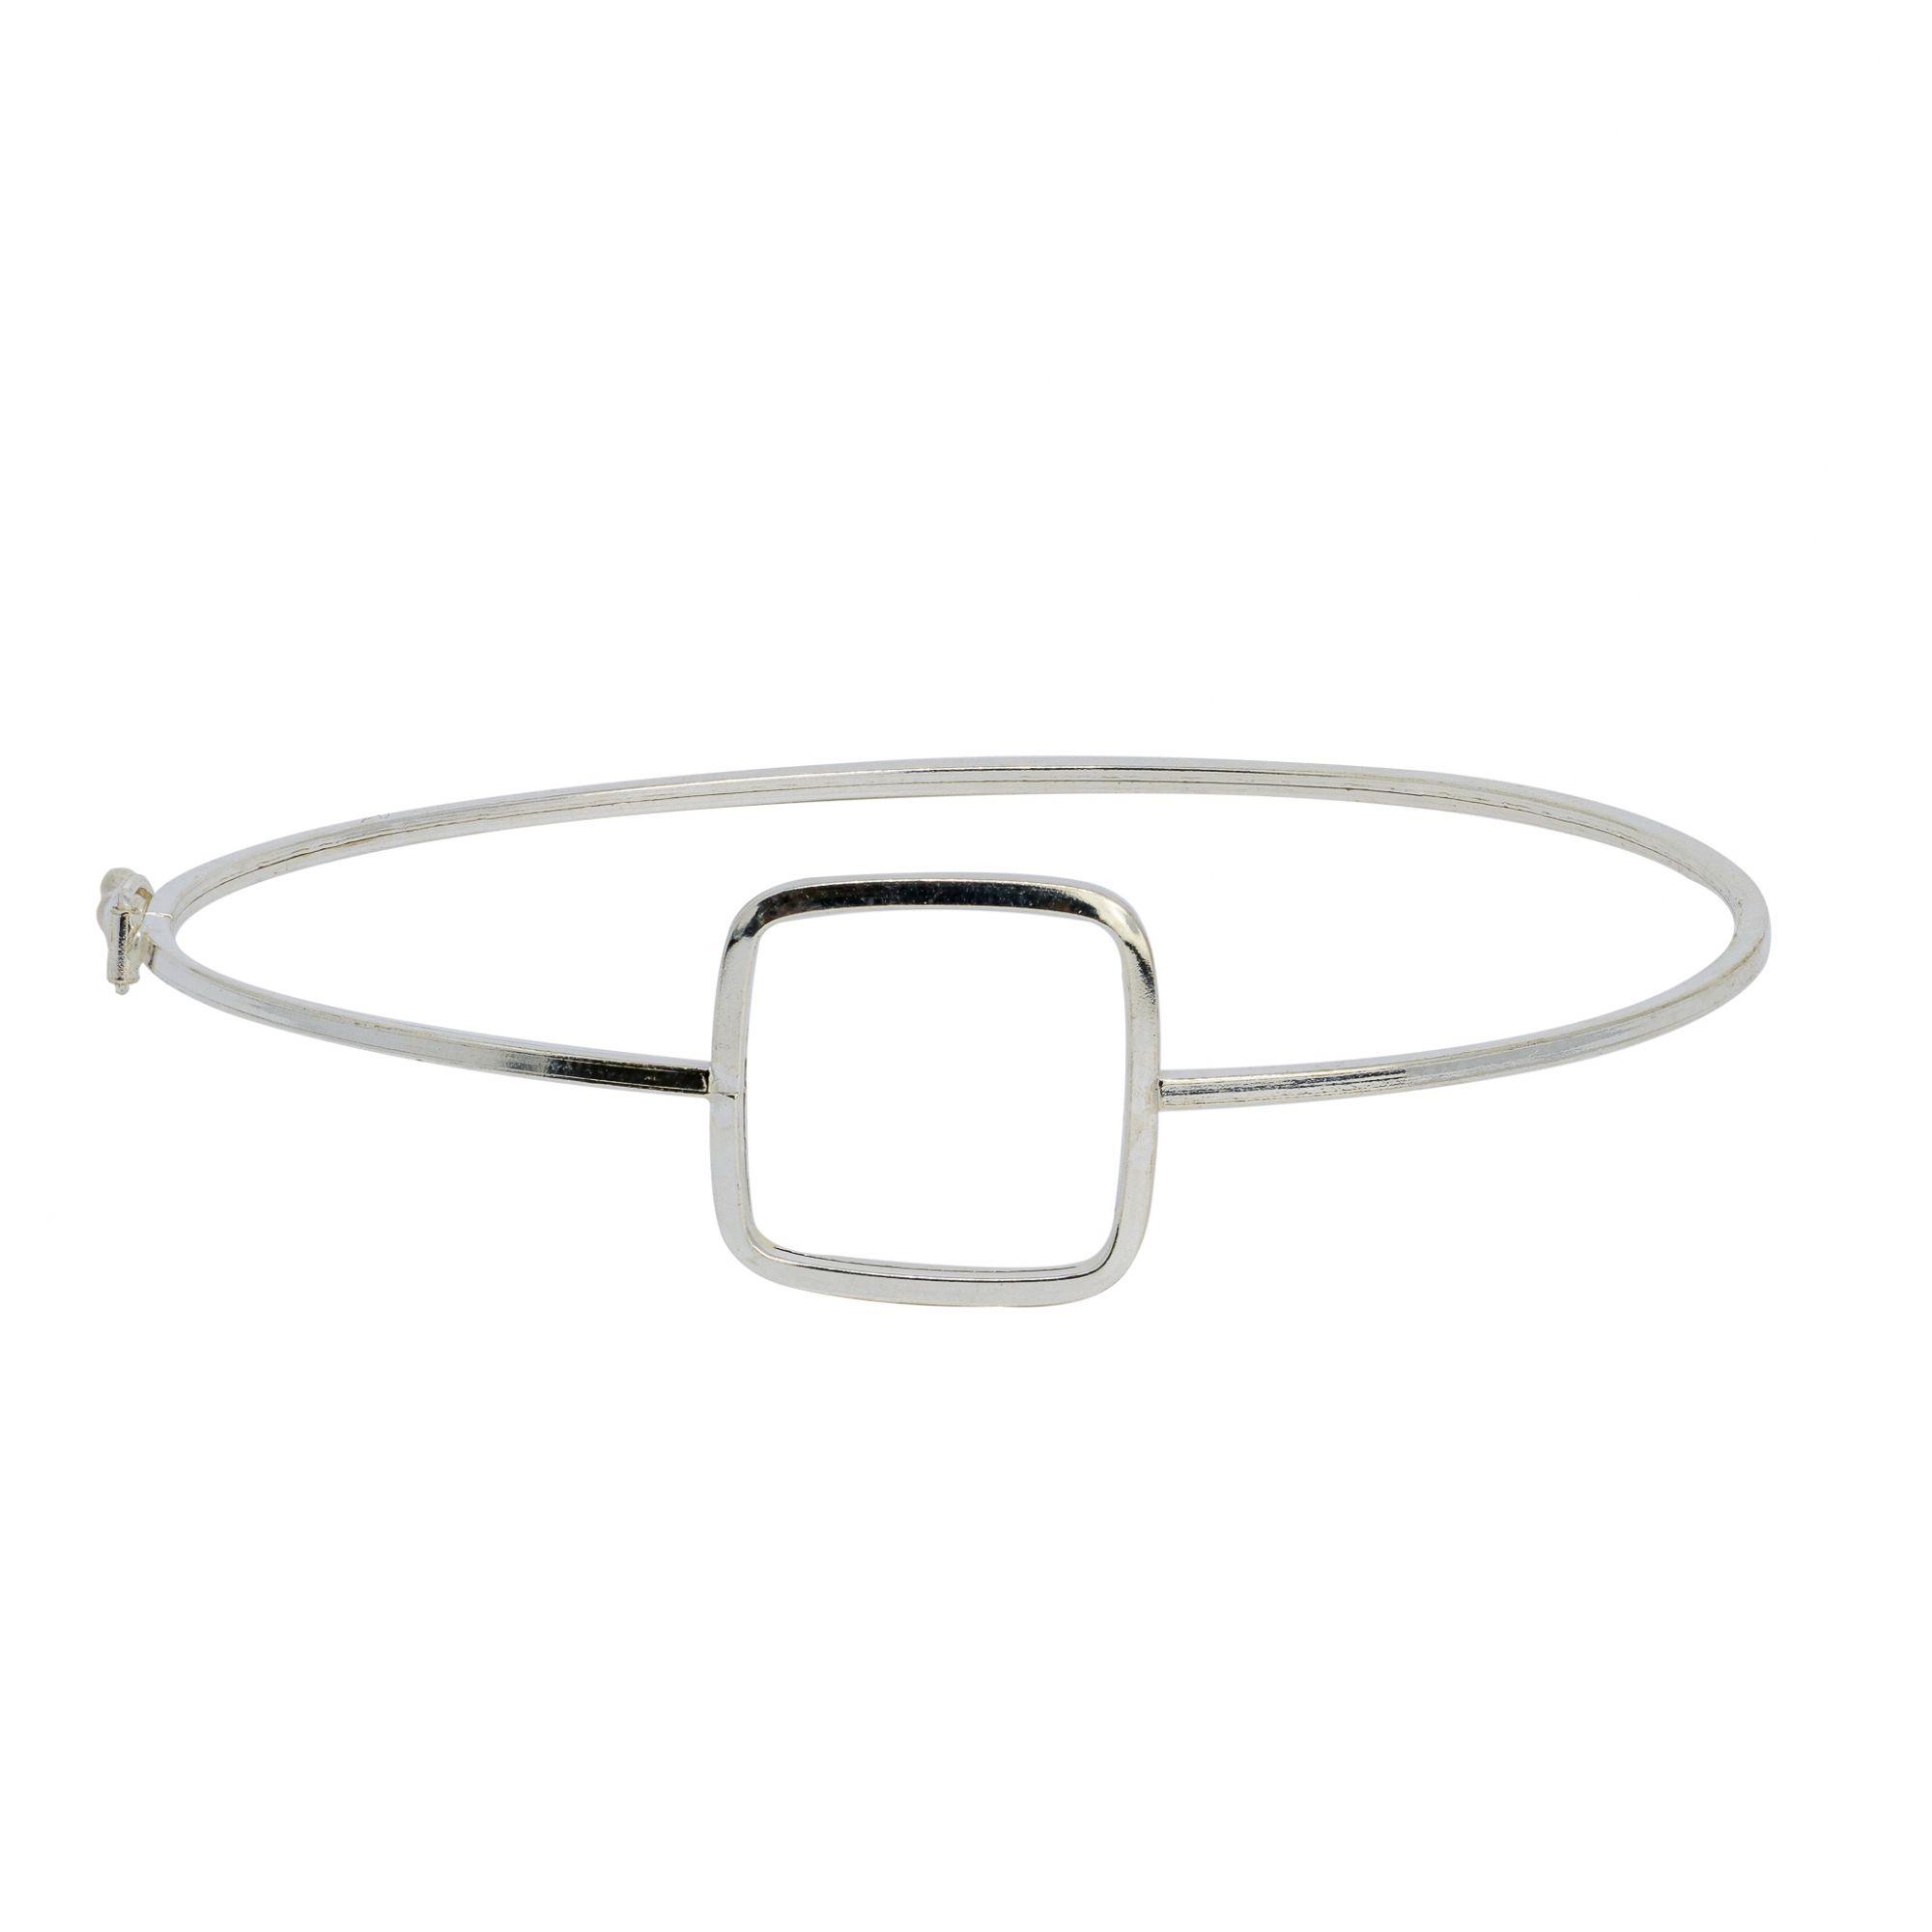 Bracelete prata 925 oco quadrado